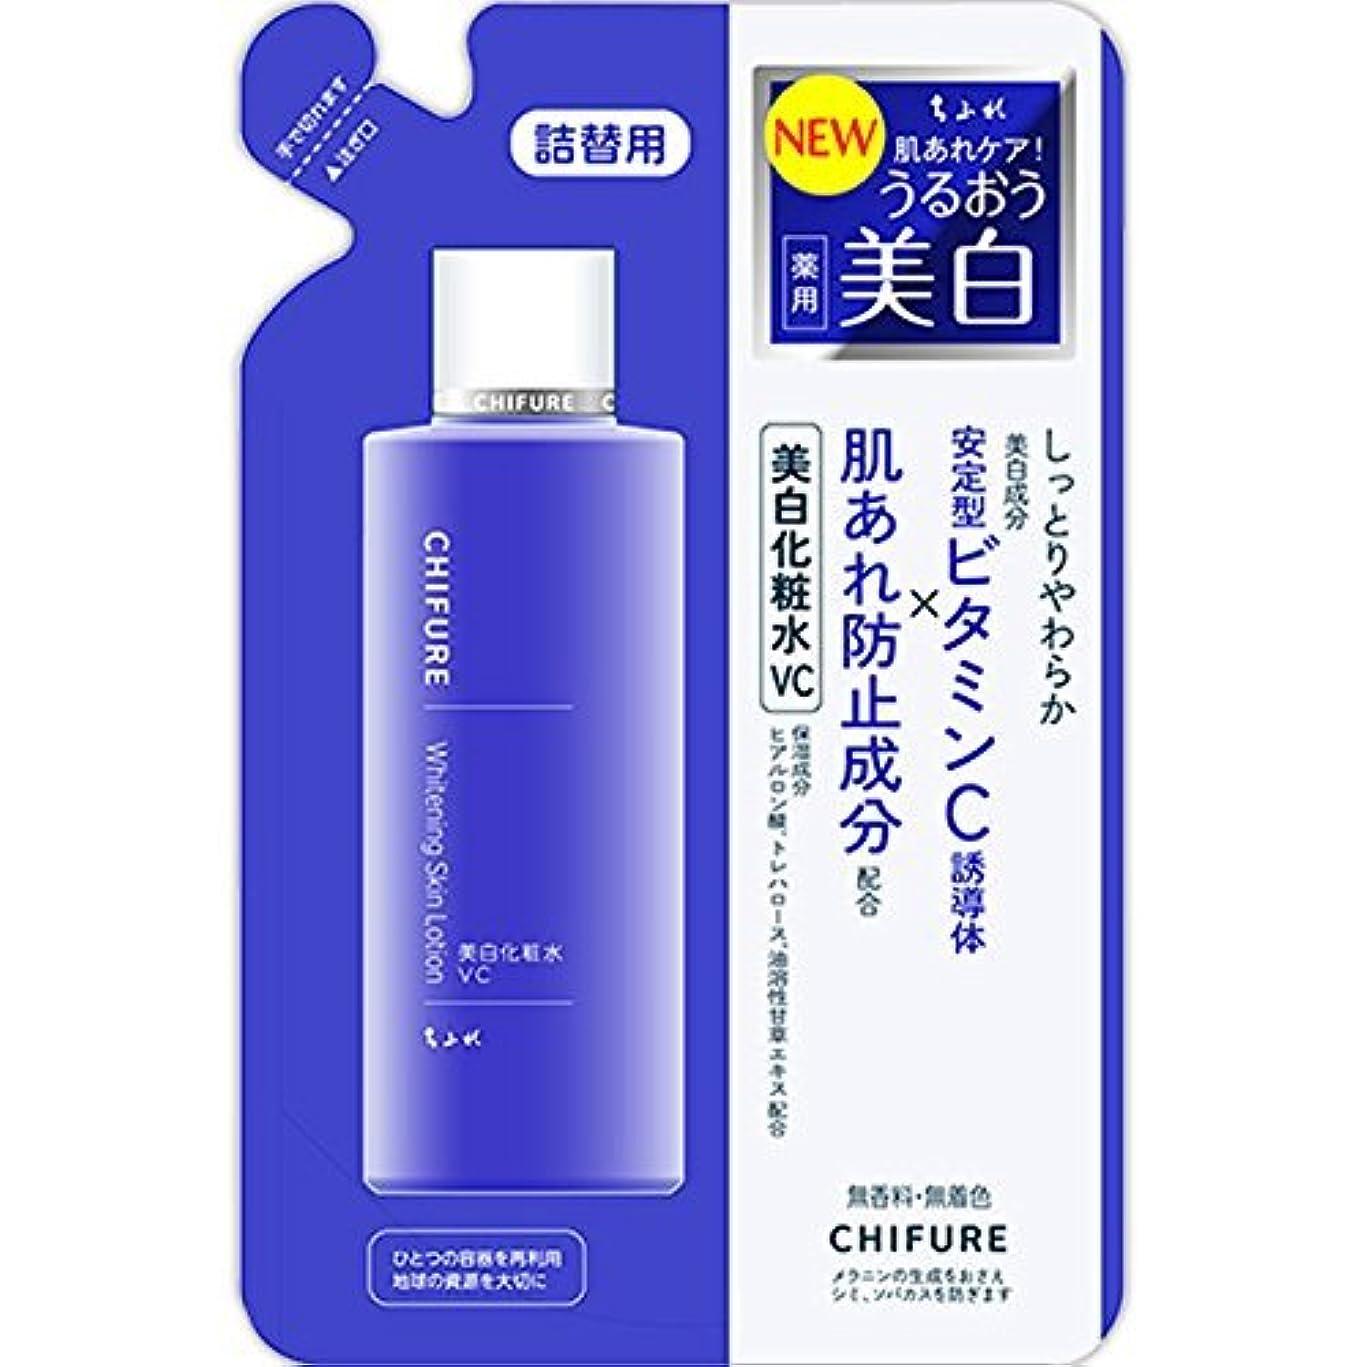 緊張するつぶやき花輪ちふれ化粧品 美白化粧水 VC 詰替 180ML (医薬部外品)